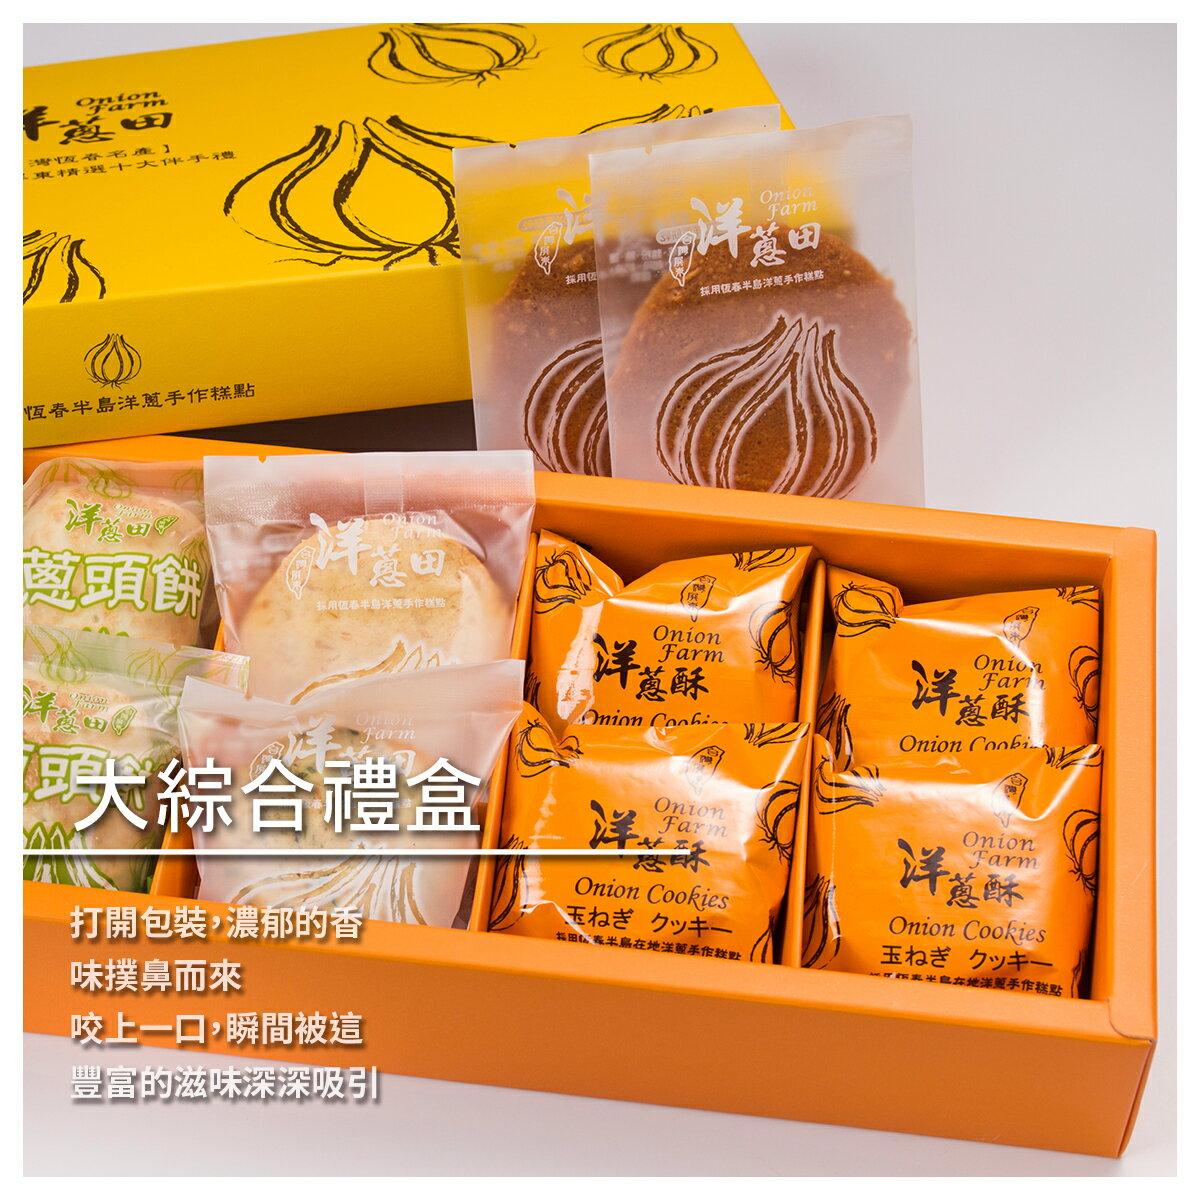 【洋蔥田洋蔥酥手工糕點伴手禮】大綜合禮盒